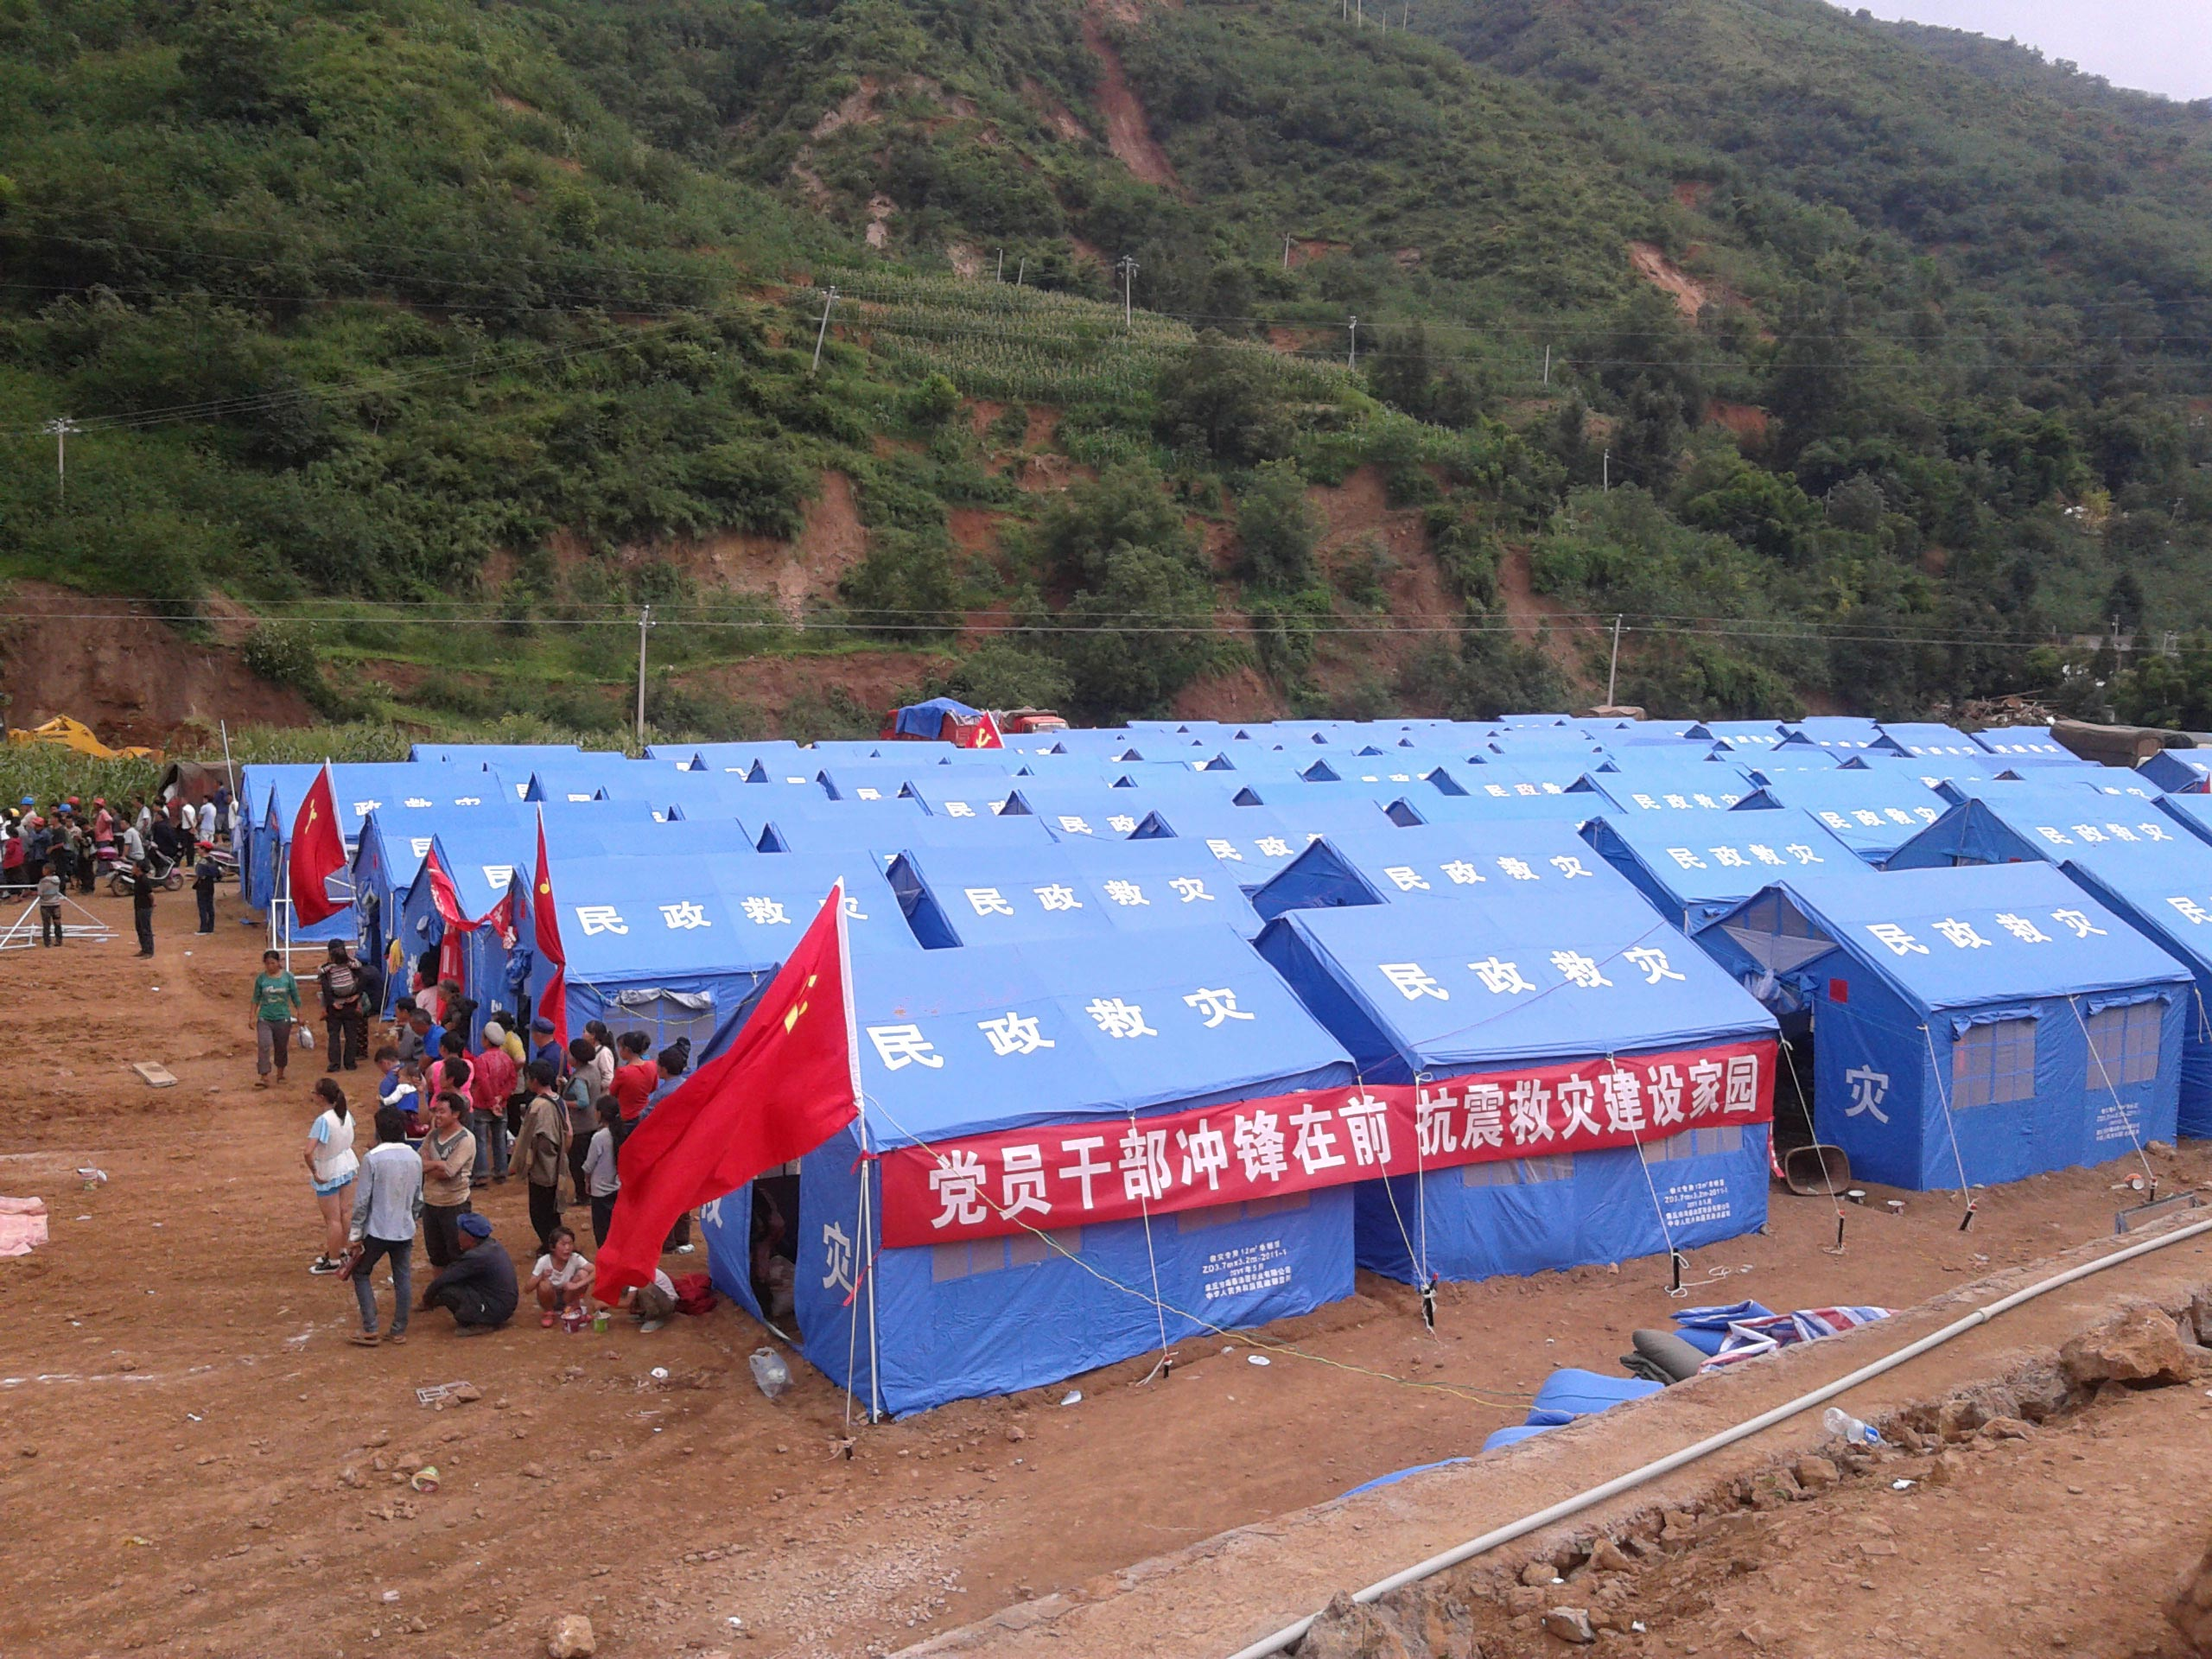 灾区观察:部分物资派送混乱 村民称帐篷不抢领不到